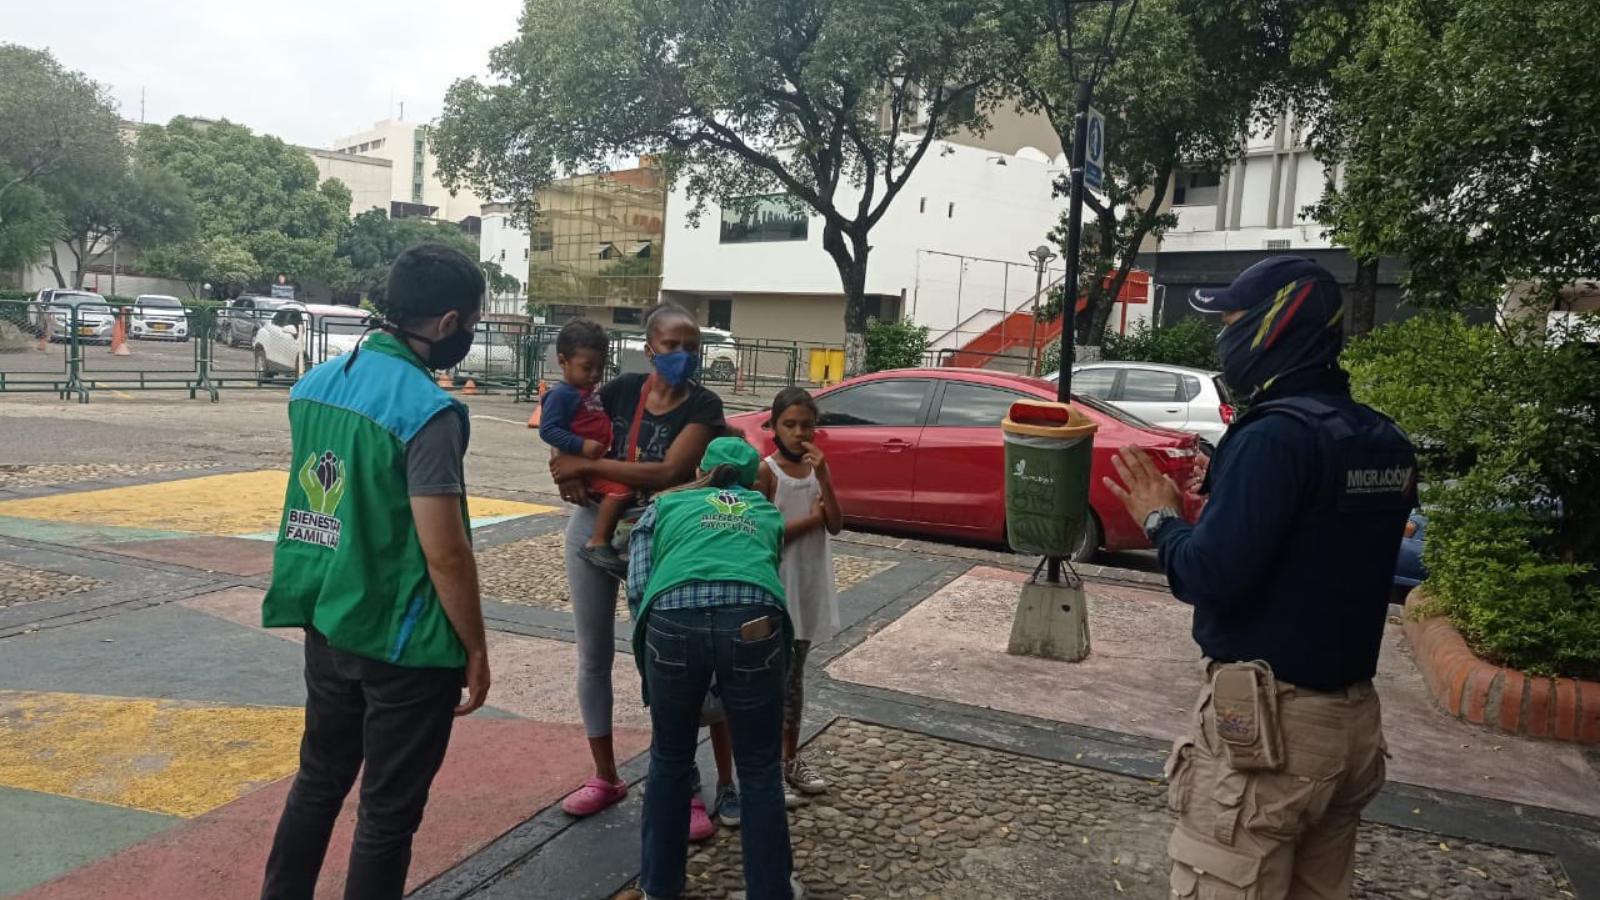 El Estatuto de Protección a Migrantes les dará prelación a los menores de edad